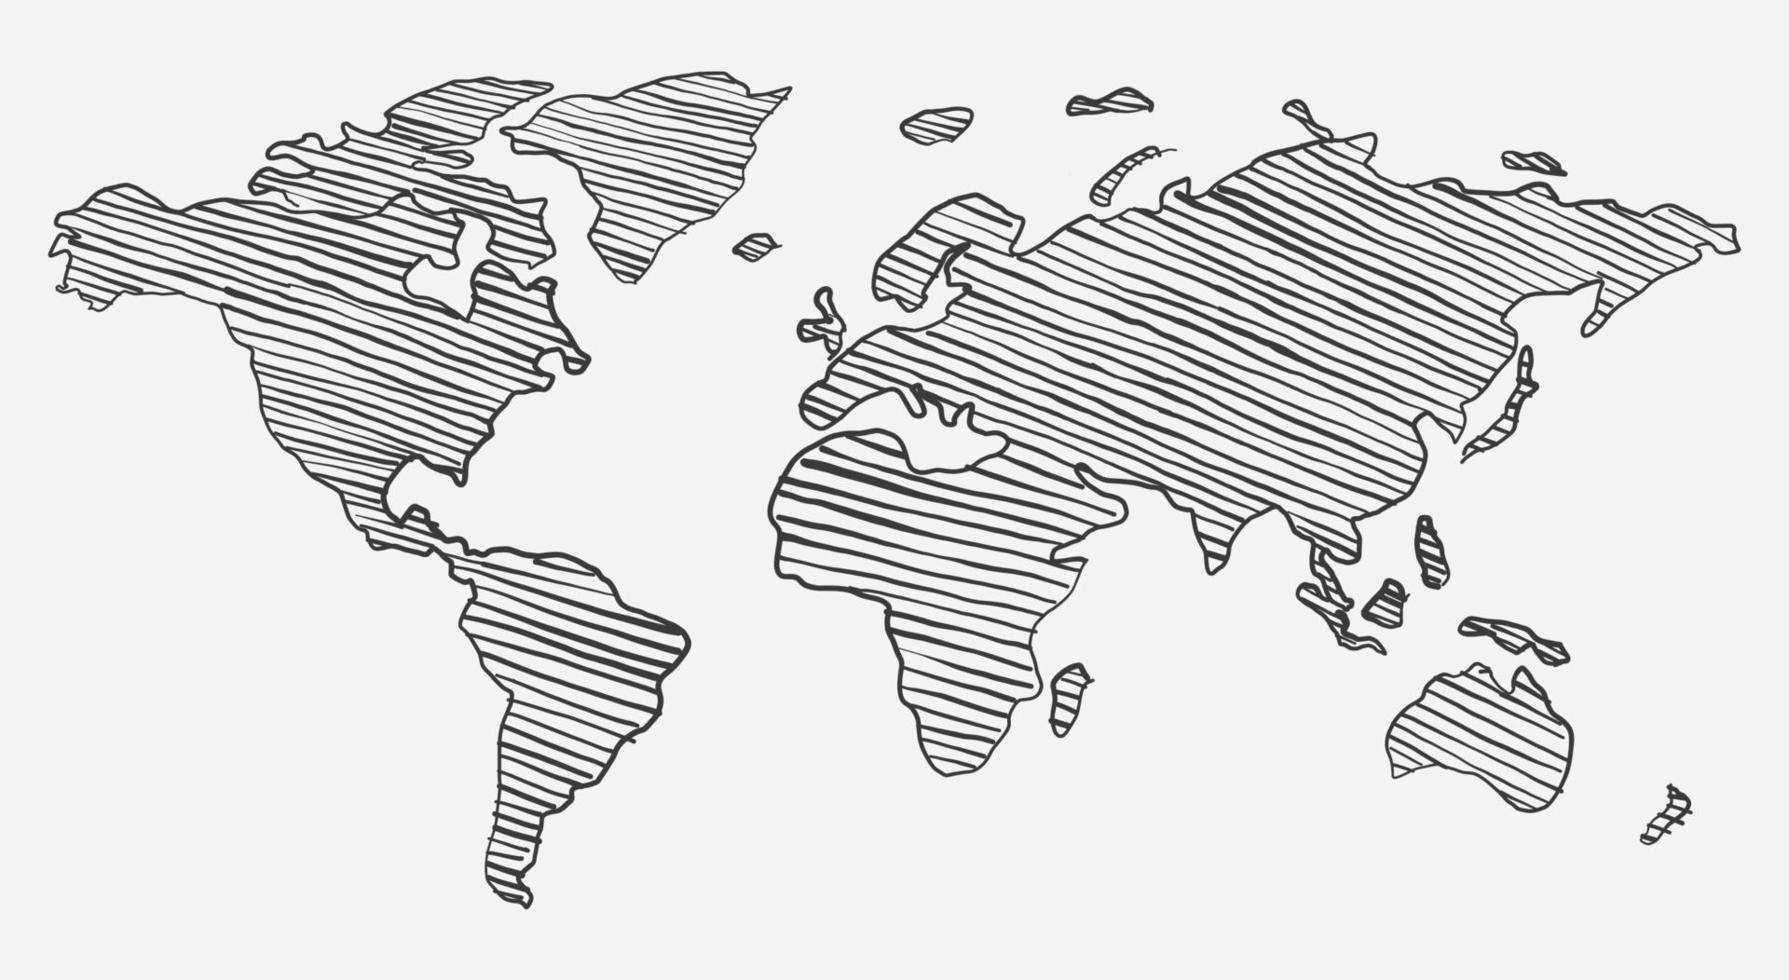 croquis de griffonnage de la carte du monde vecteur